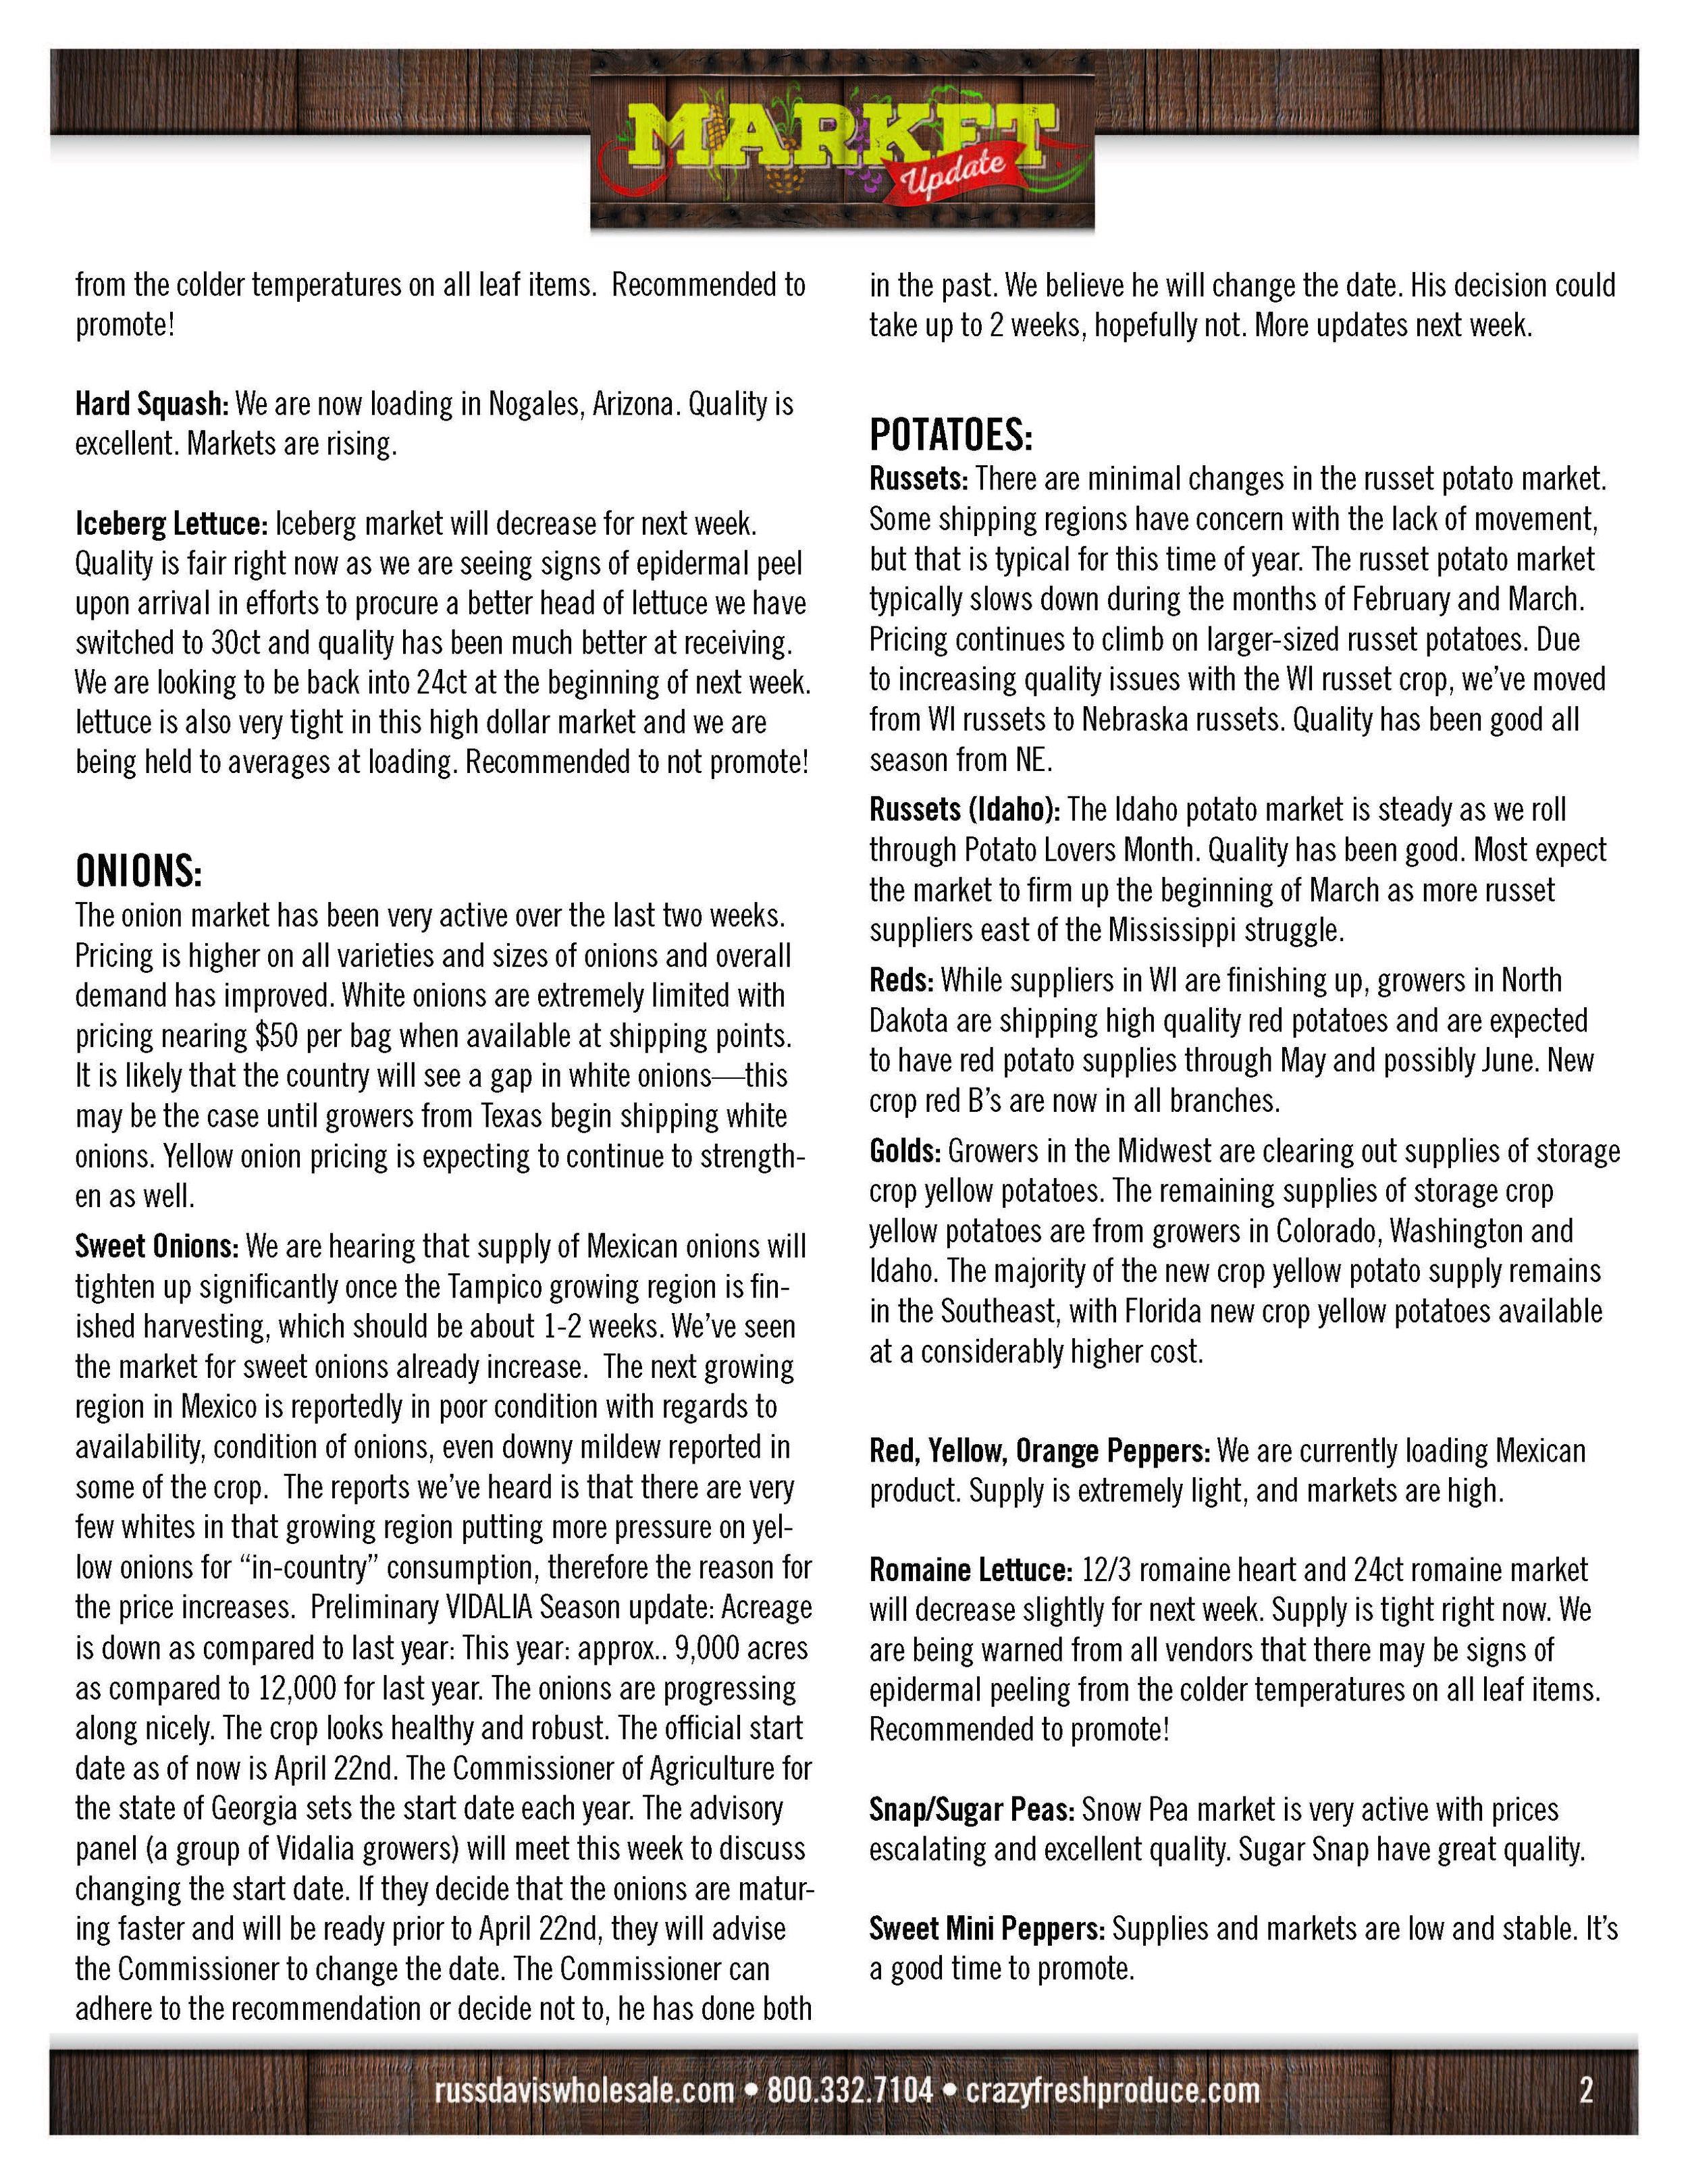 RDW_Market_Update_Mar14_19_Page_2.jpg